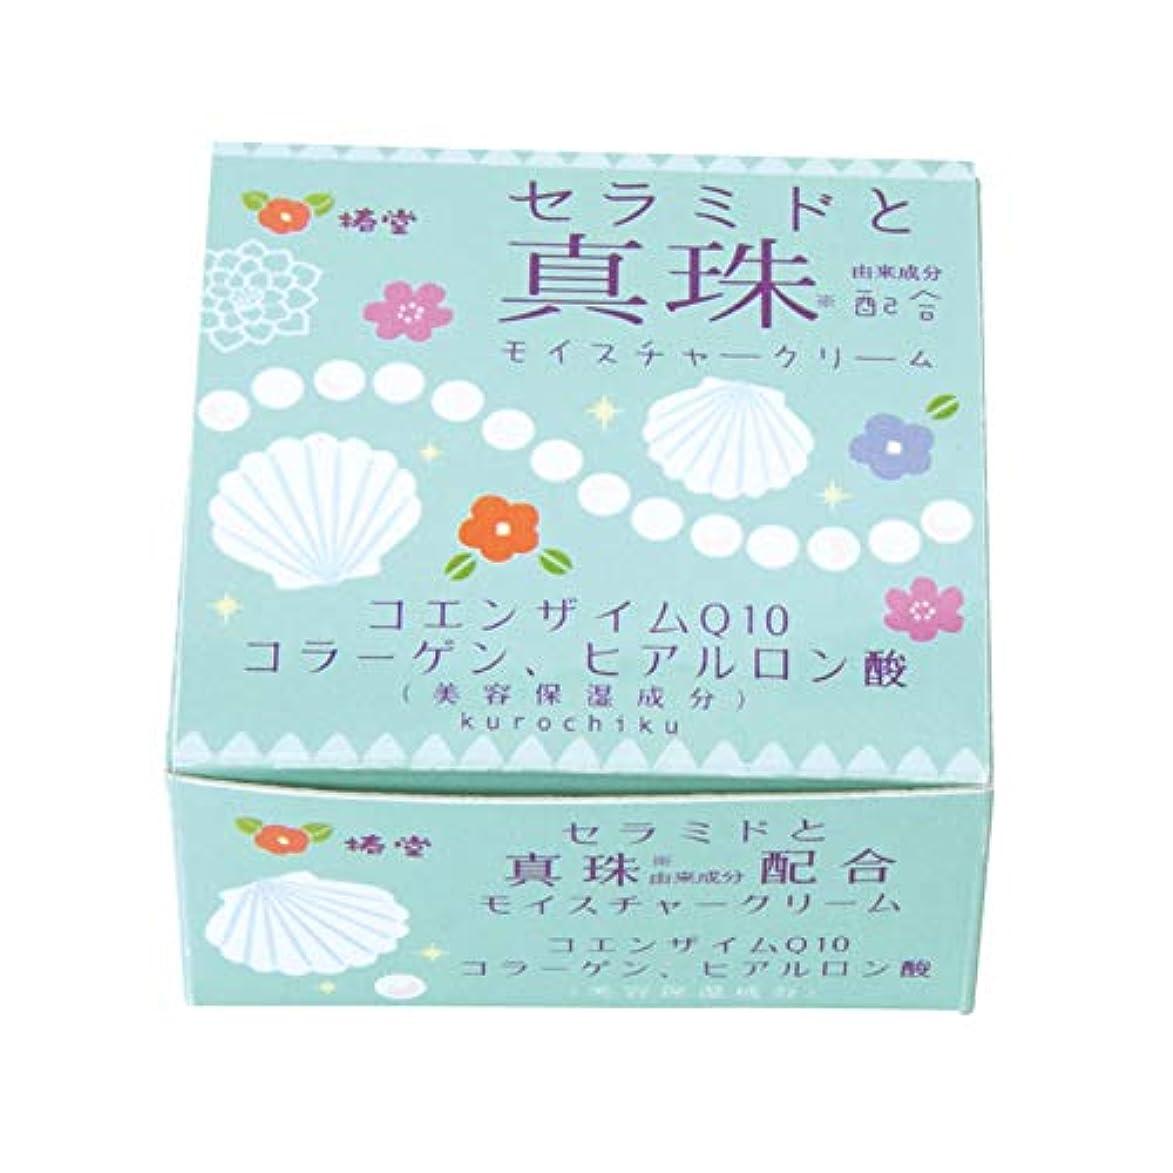 おとうさんりんご宣言する椿堂 真珠モイスチャークリーム (セラミドと真珠) 京都くろちく